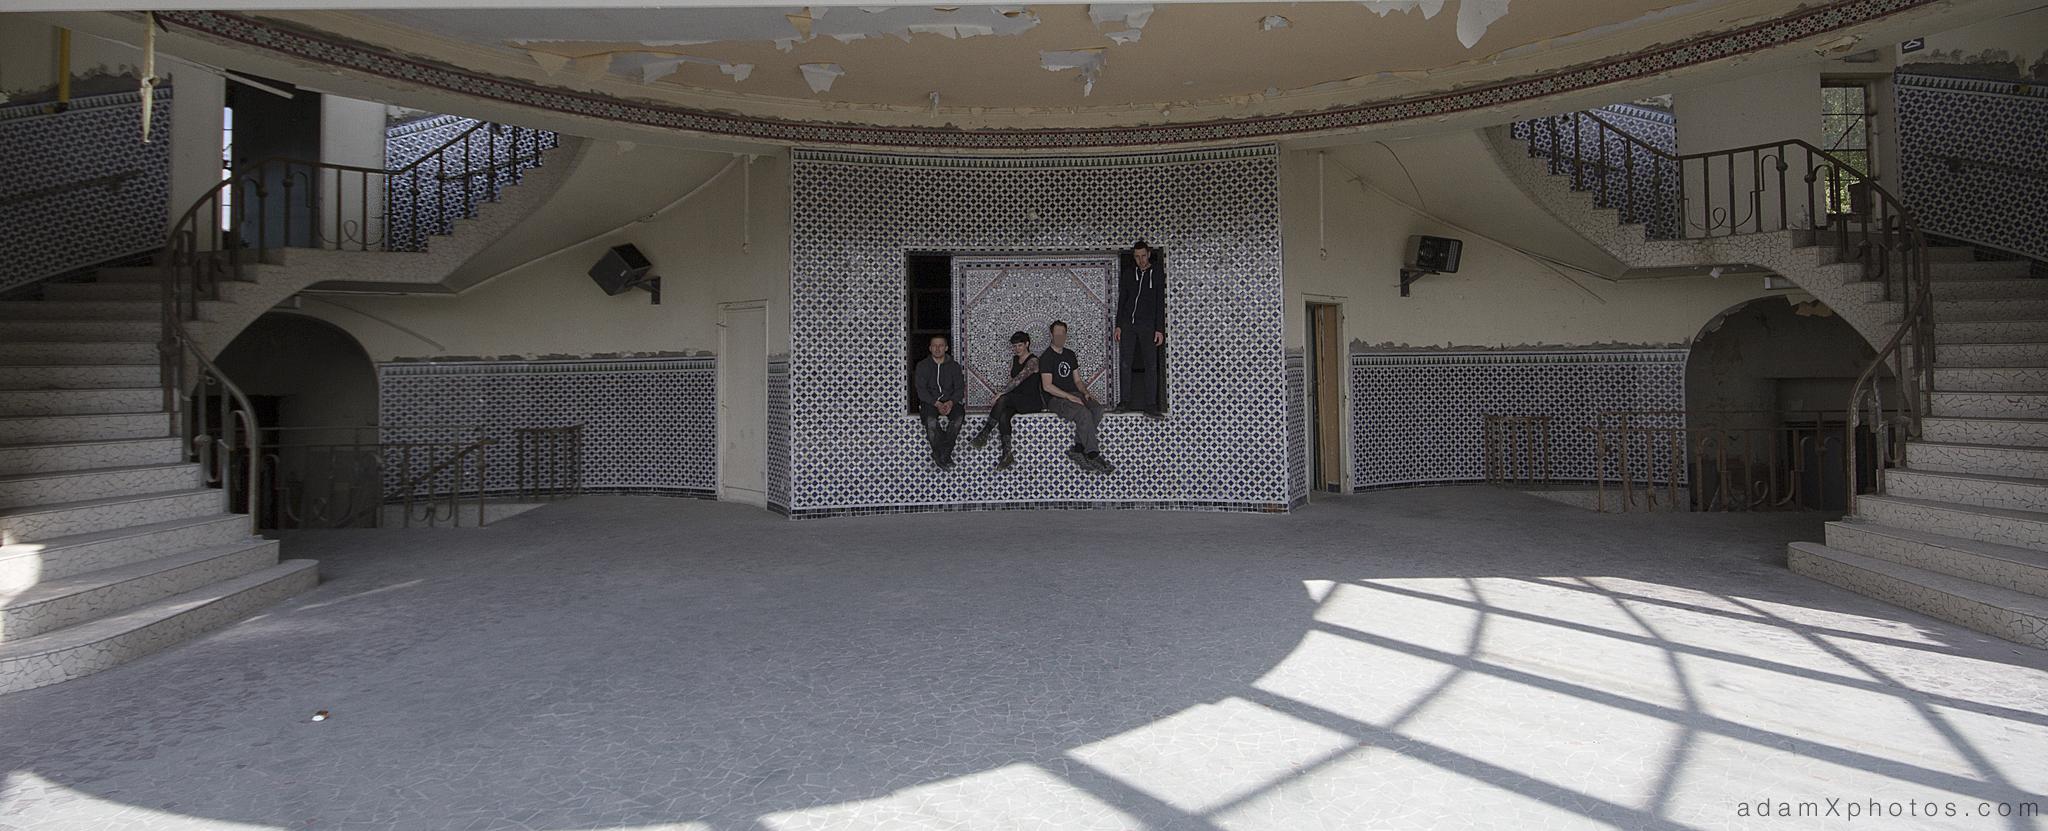 Explore 50 piscine de mosque belgium april 2014 adam x for Brussels piscine